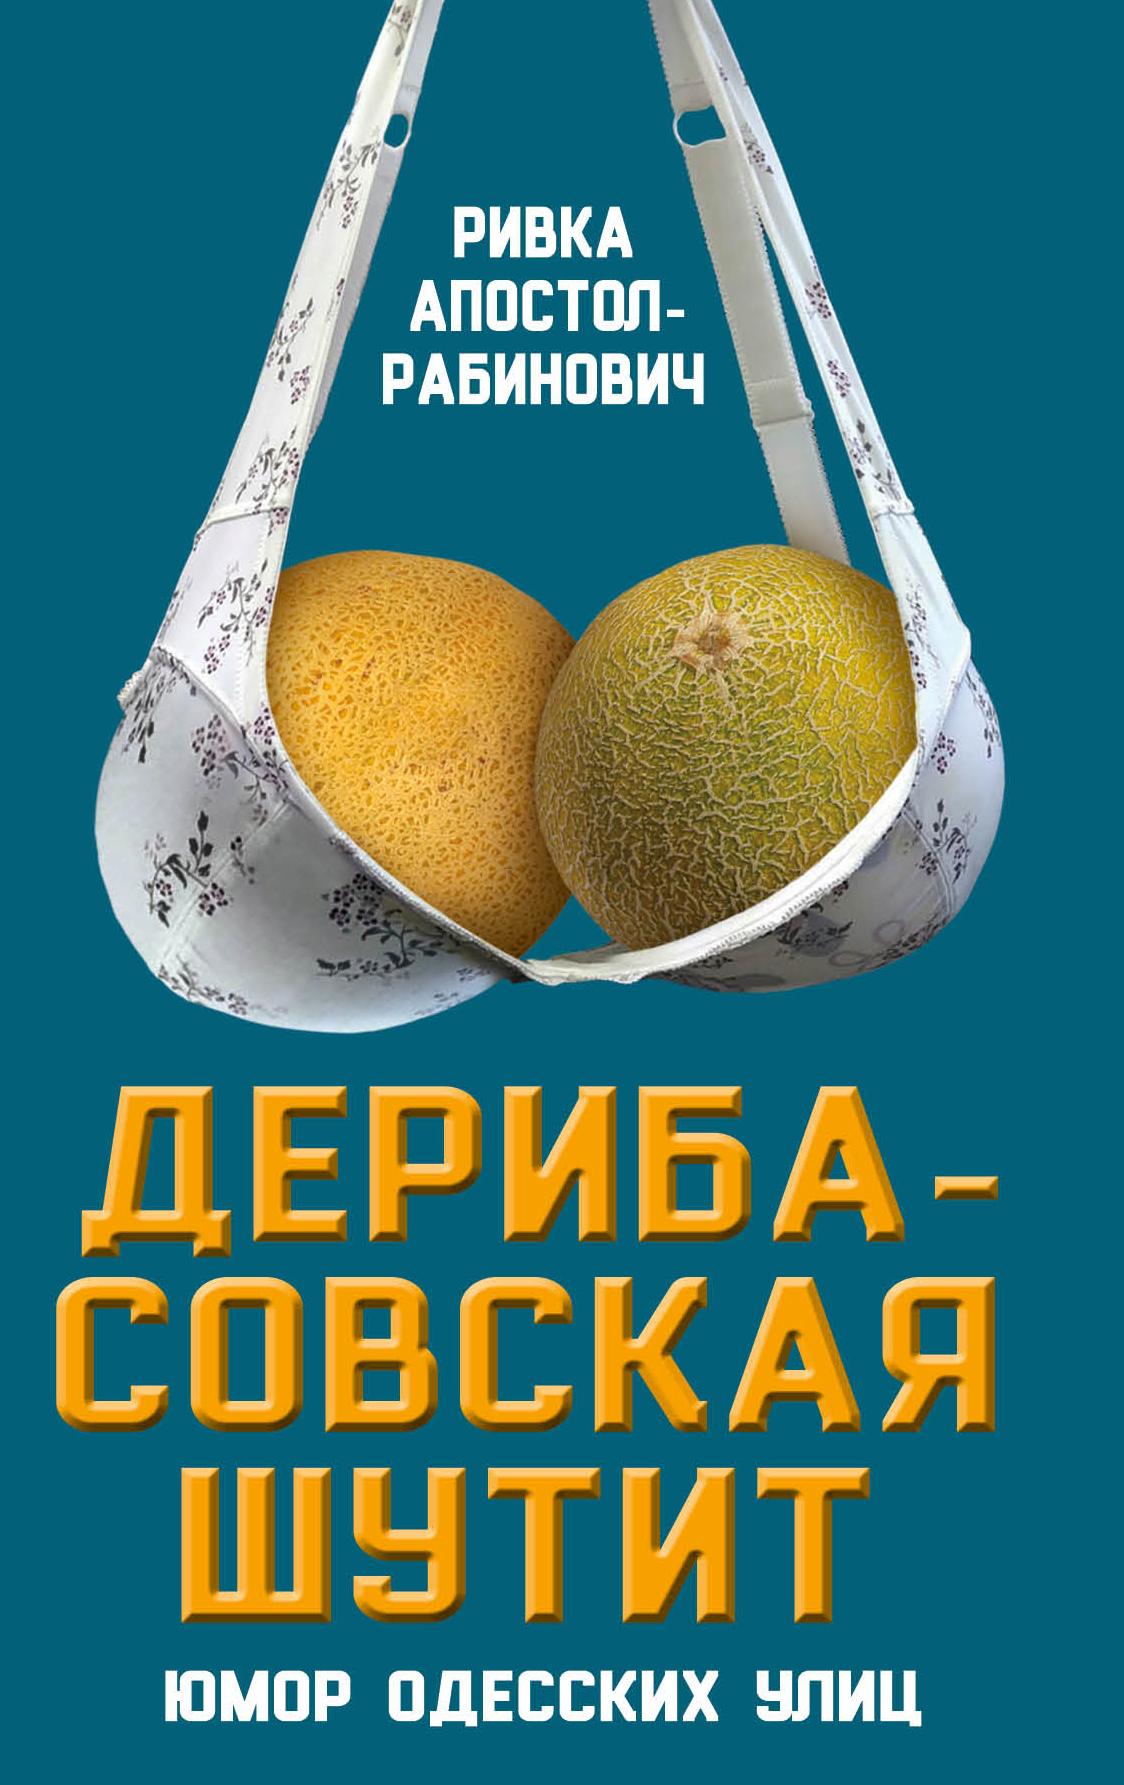 Купить книгу Дерибасовская шутит. Юмор одесских улиц, автора Ривки Апостол-Рабинович